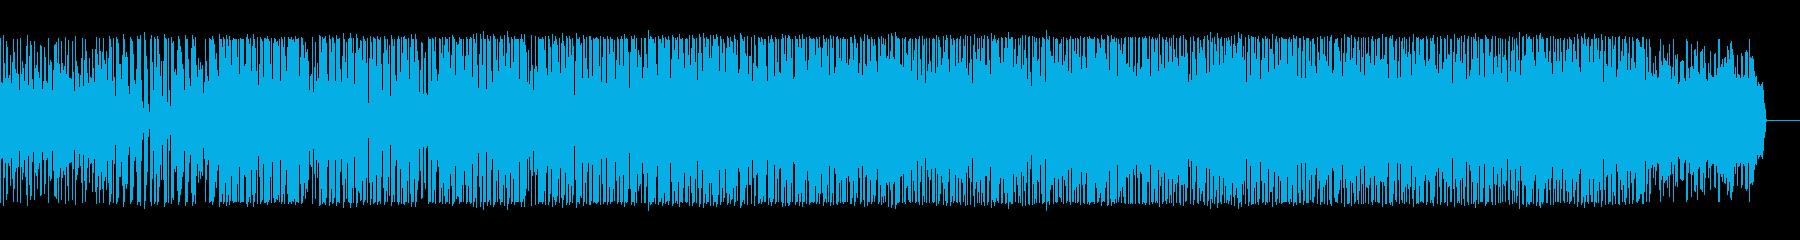 奇妙な空間のテクスチャIDMの再生済みの波形